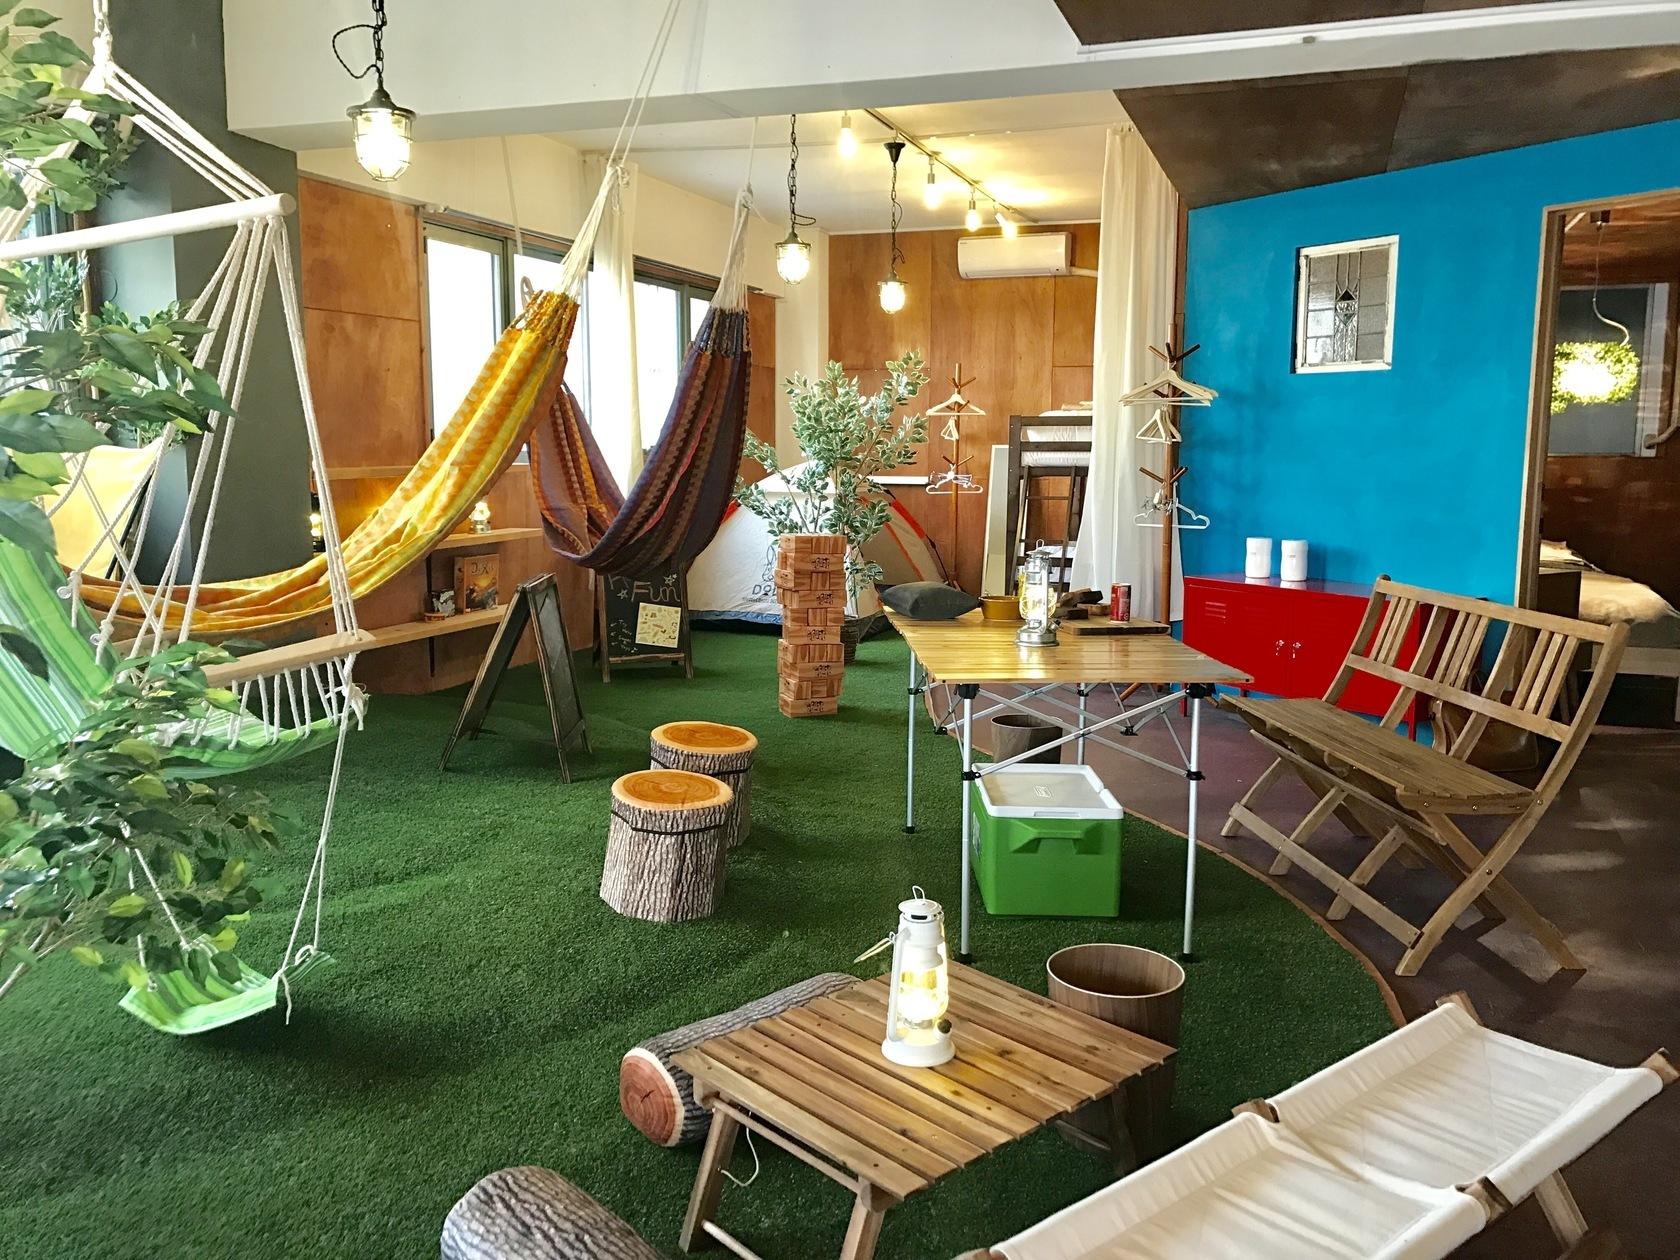 屋内キャンプ・グランピングが楽しめるスペースです☆ハンモック・ブランコ・テント・無煙ロースターあり☆キッチンも広々(セントラルパークin浅草キャンプ|Indoor Camp & Gramping Space) の写真0